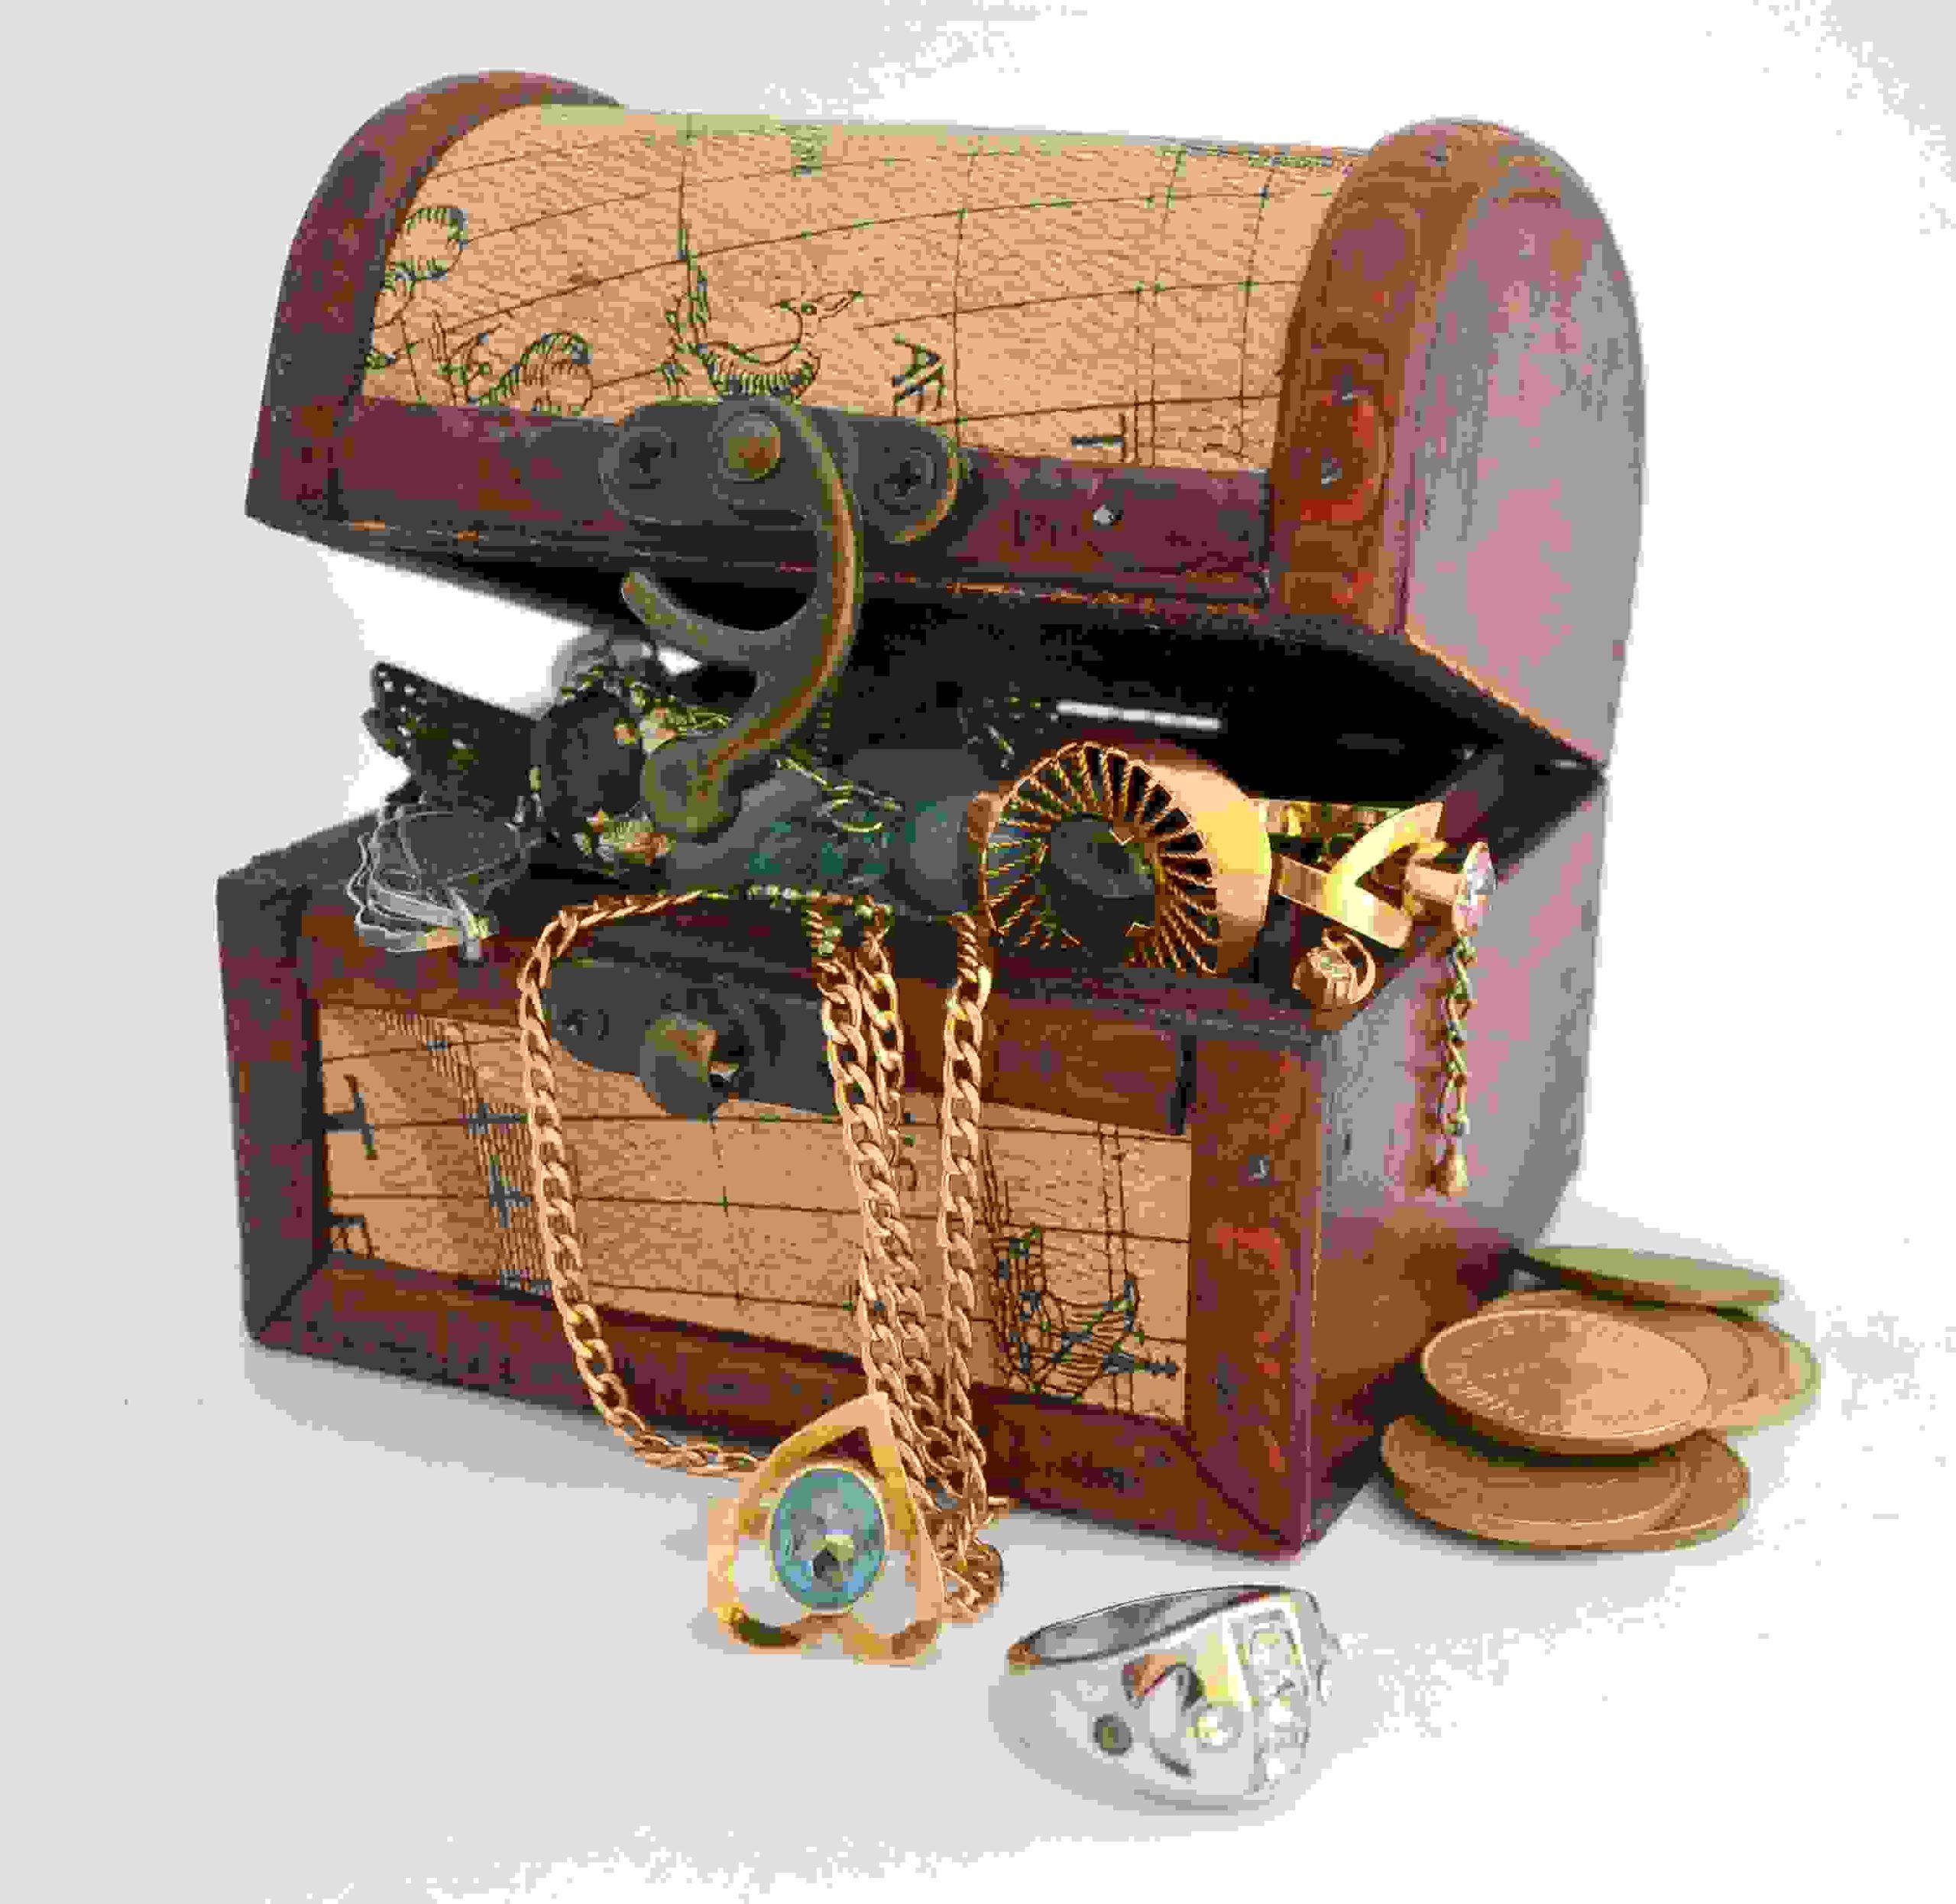 חפש את המטמון – הפעלה לילדים